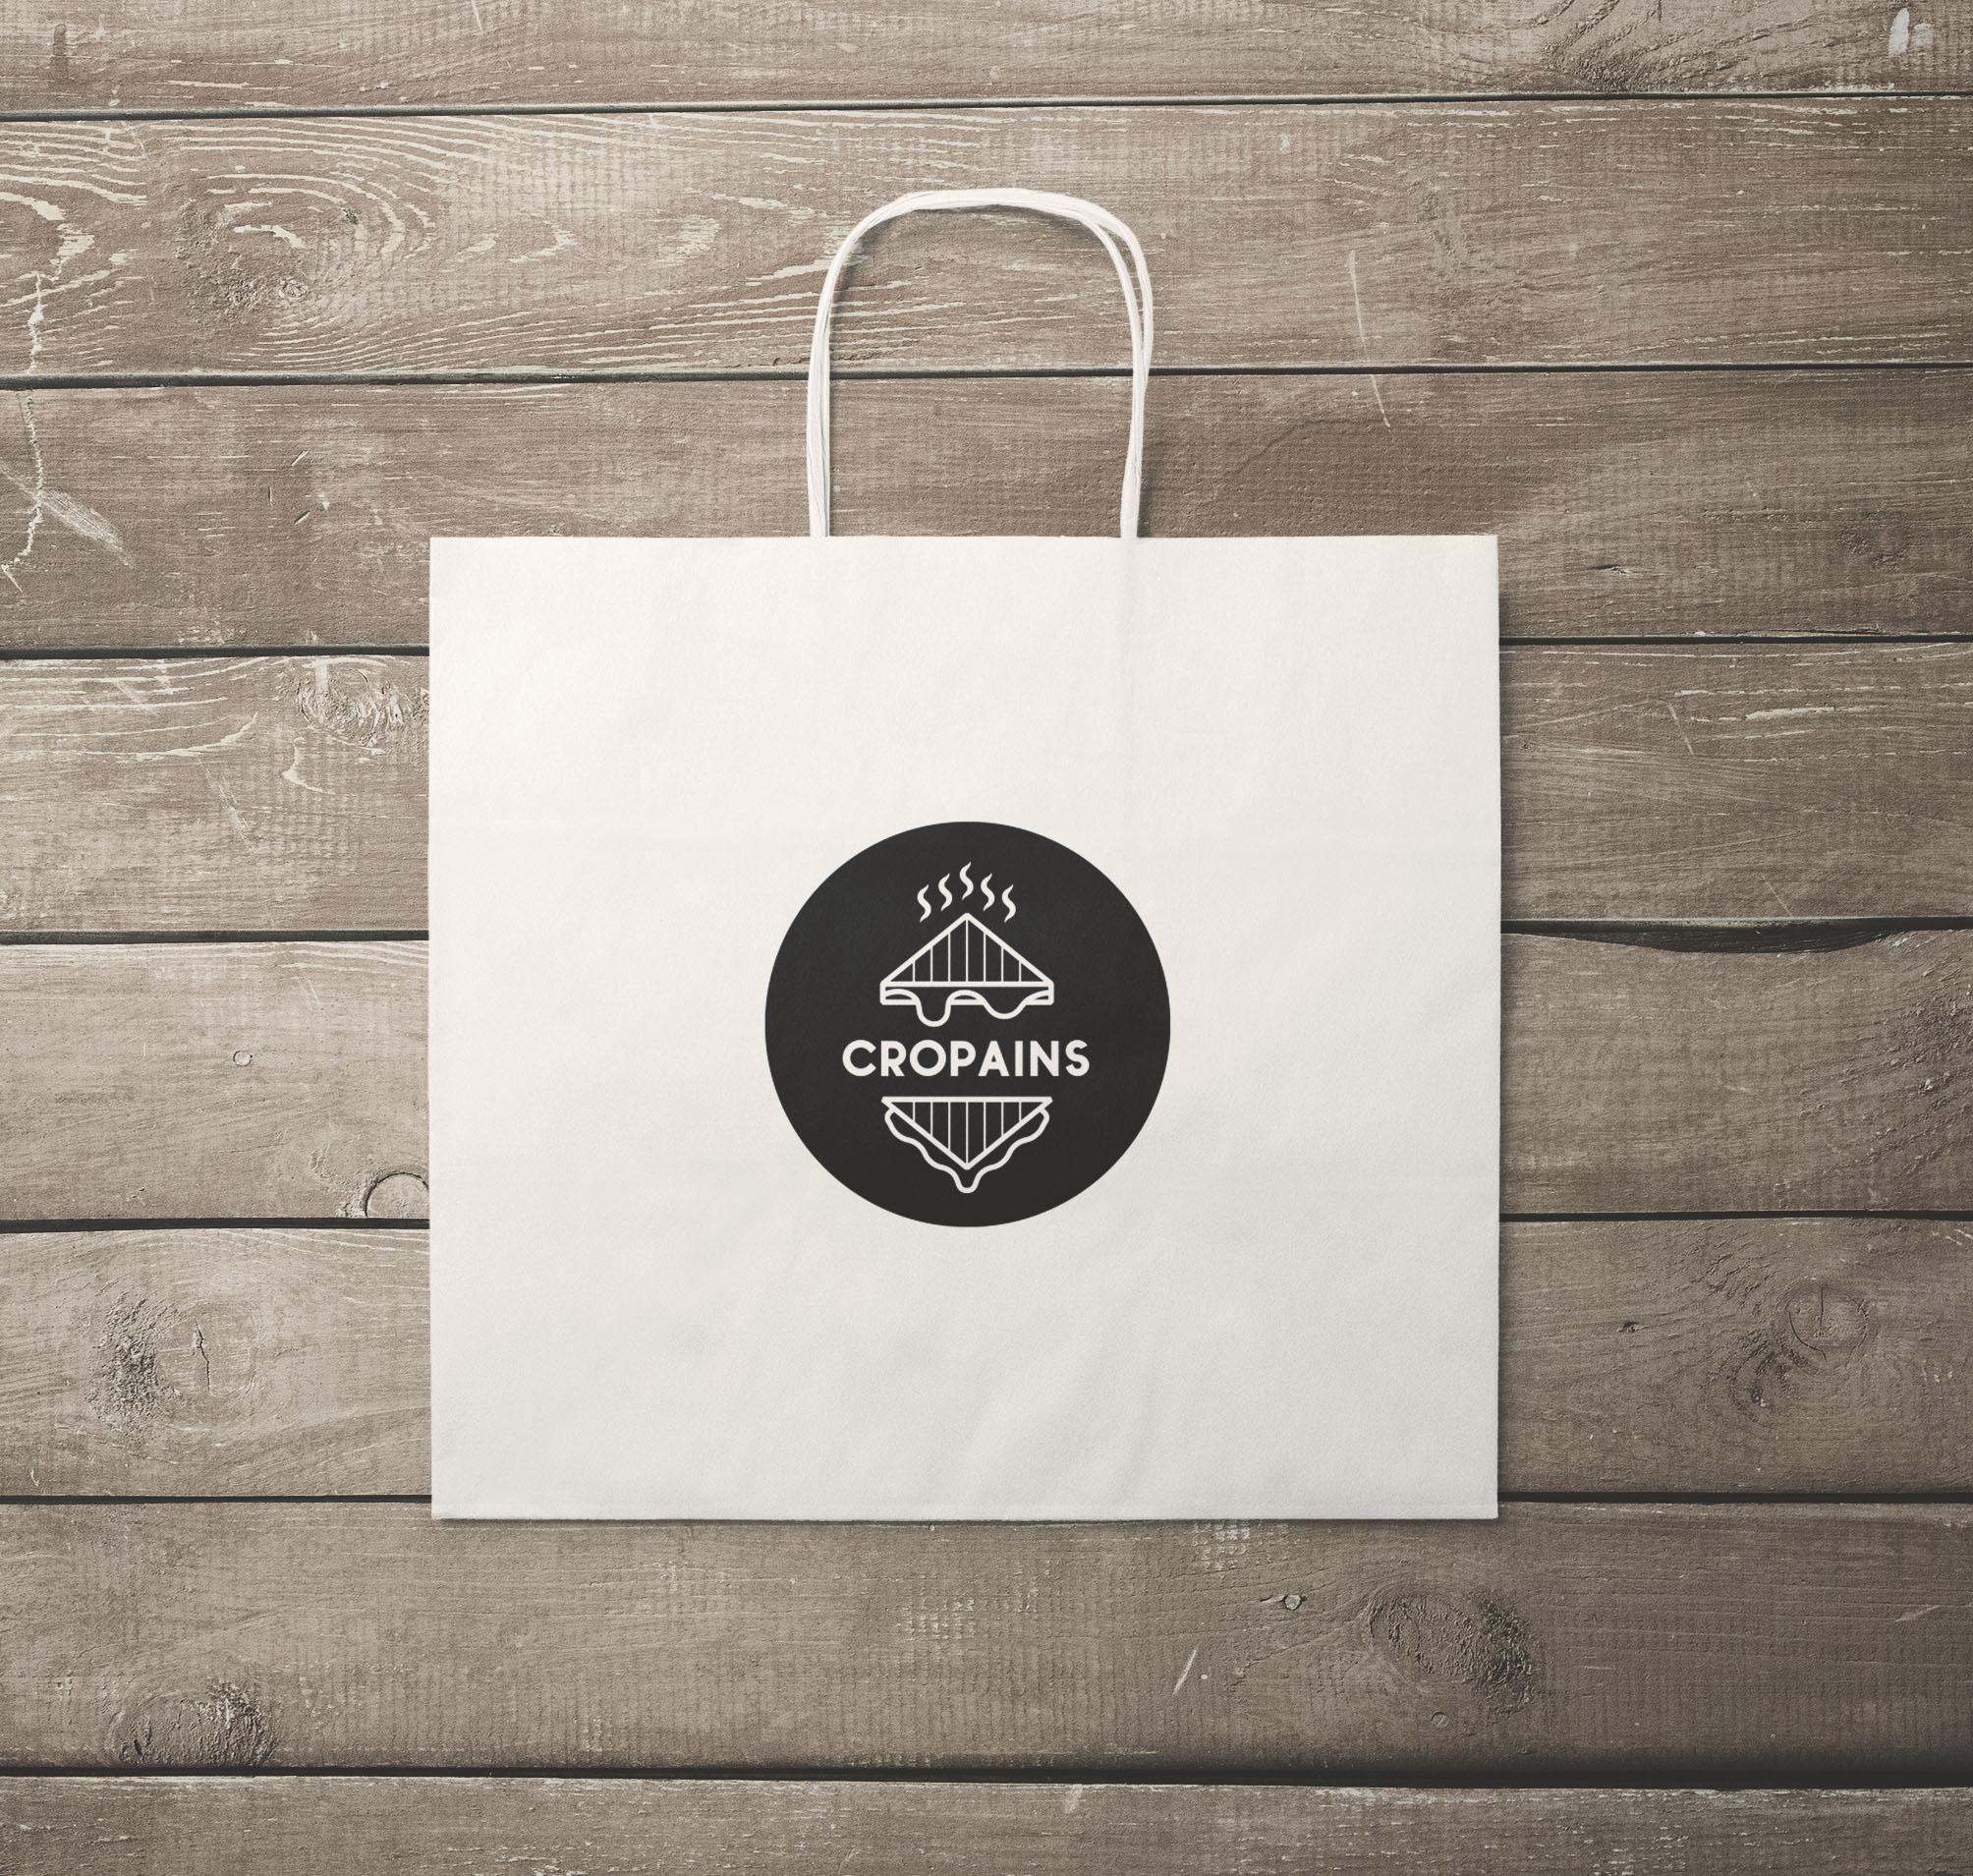 cropains restaurant logo design